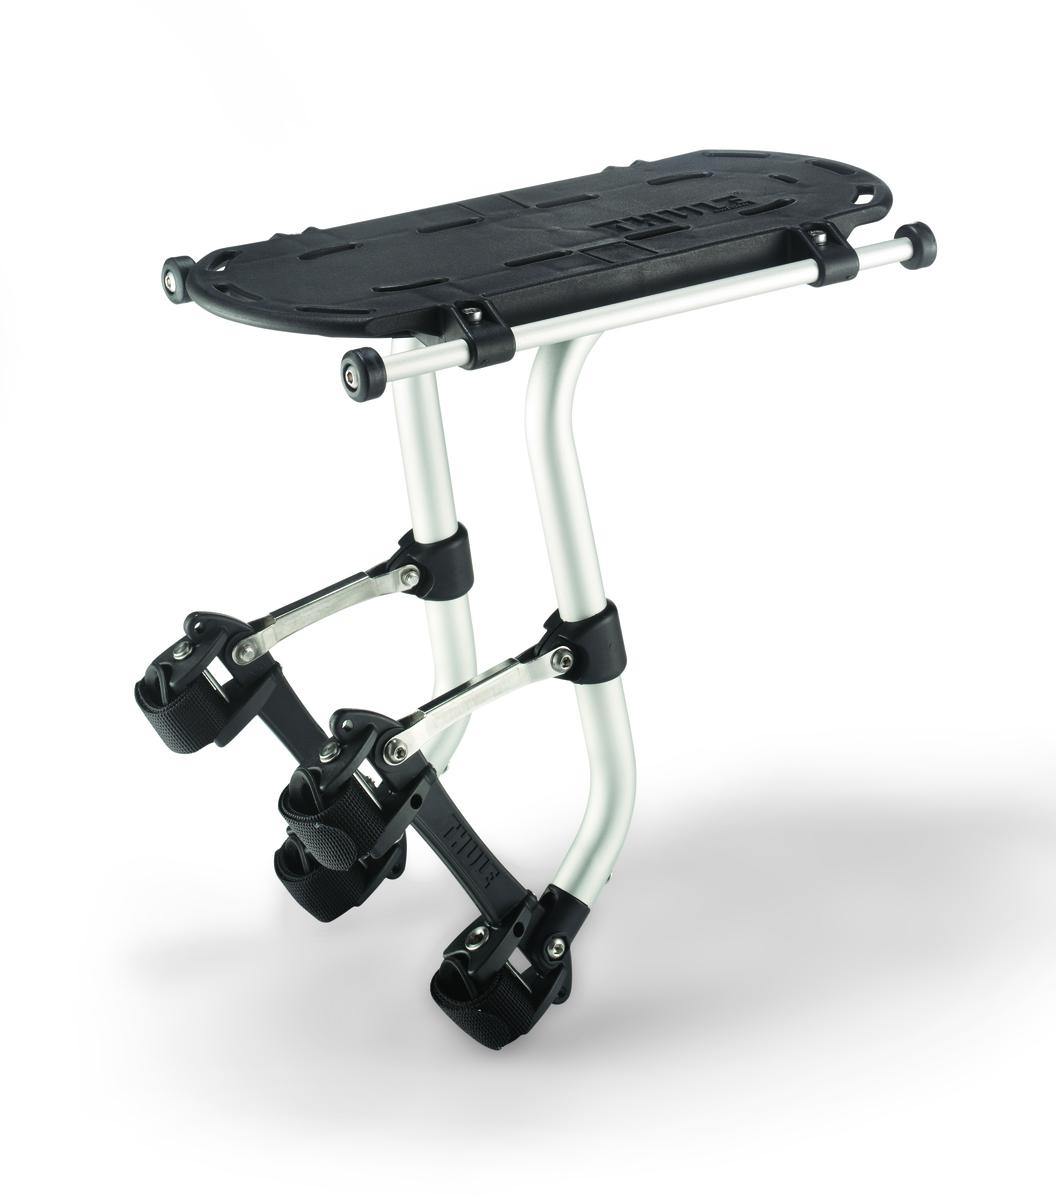 Багажник велосипедный Thule Tour Rack-Full100016Запатентованный багажник для велосипеда Thule Tour Rack-Full — это надежность и универсальность. Thule Tour Rack-Full подходит для любого велосипеда, обеспечит комфортную перевозку вещей.Отлично совместим с сумками Thule, но при помощи адаптера (опционально) возможна установка на багажник любых сумок. Багажник оснащен запатентованной системой установки, при изготовлении применяются высококачественные материалы.Максимальная грузоподъемность 25 кг.Система установки подходит для любых велосипедов.Монтаж над задним или передним колесами.Совместимость с любым материалом рам.Бесшумность конструкции, не создает вибраций даже в условиях неровных дорог.